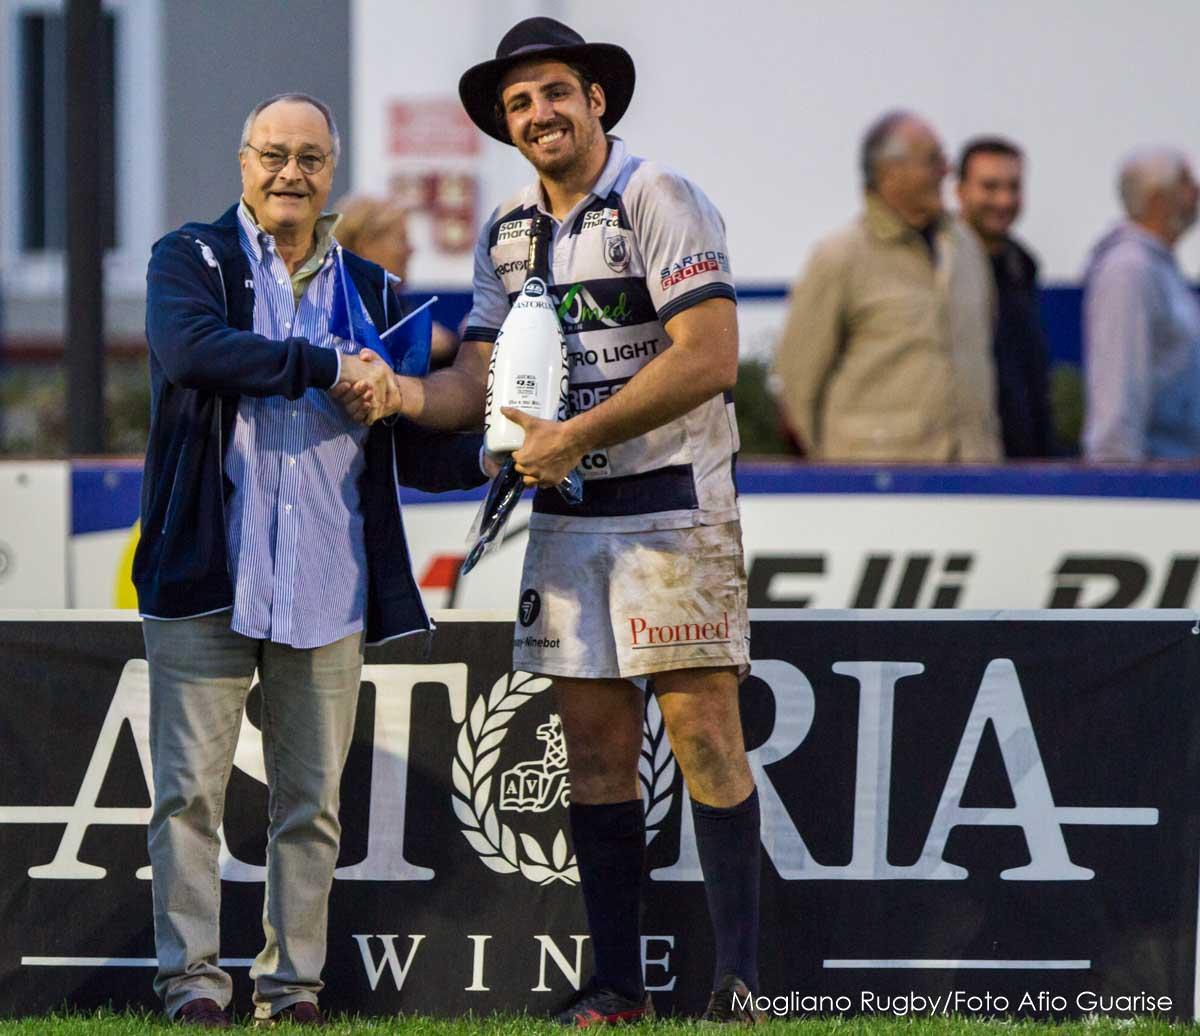 20181104, Top12 2018/19, Mogliano Rugby 1969 vs Lafert San Donà, VI giornata, Mogliano Veneto, Stadio Maurizio Quaggia, foto alfio guarise